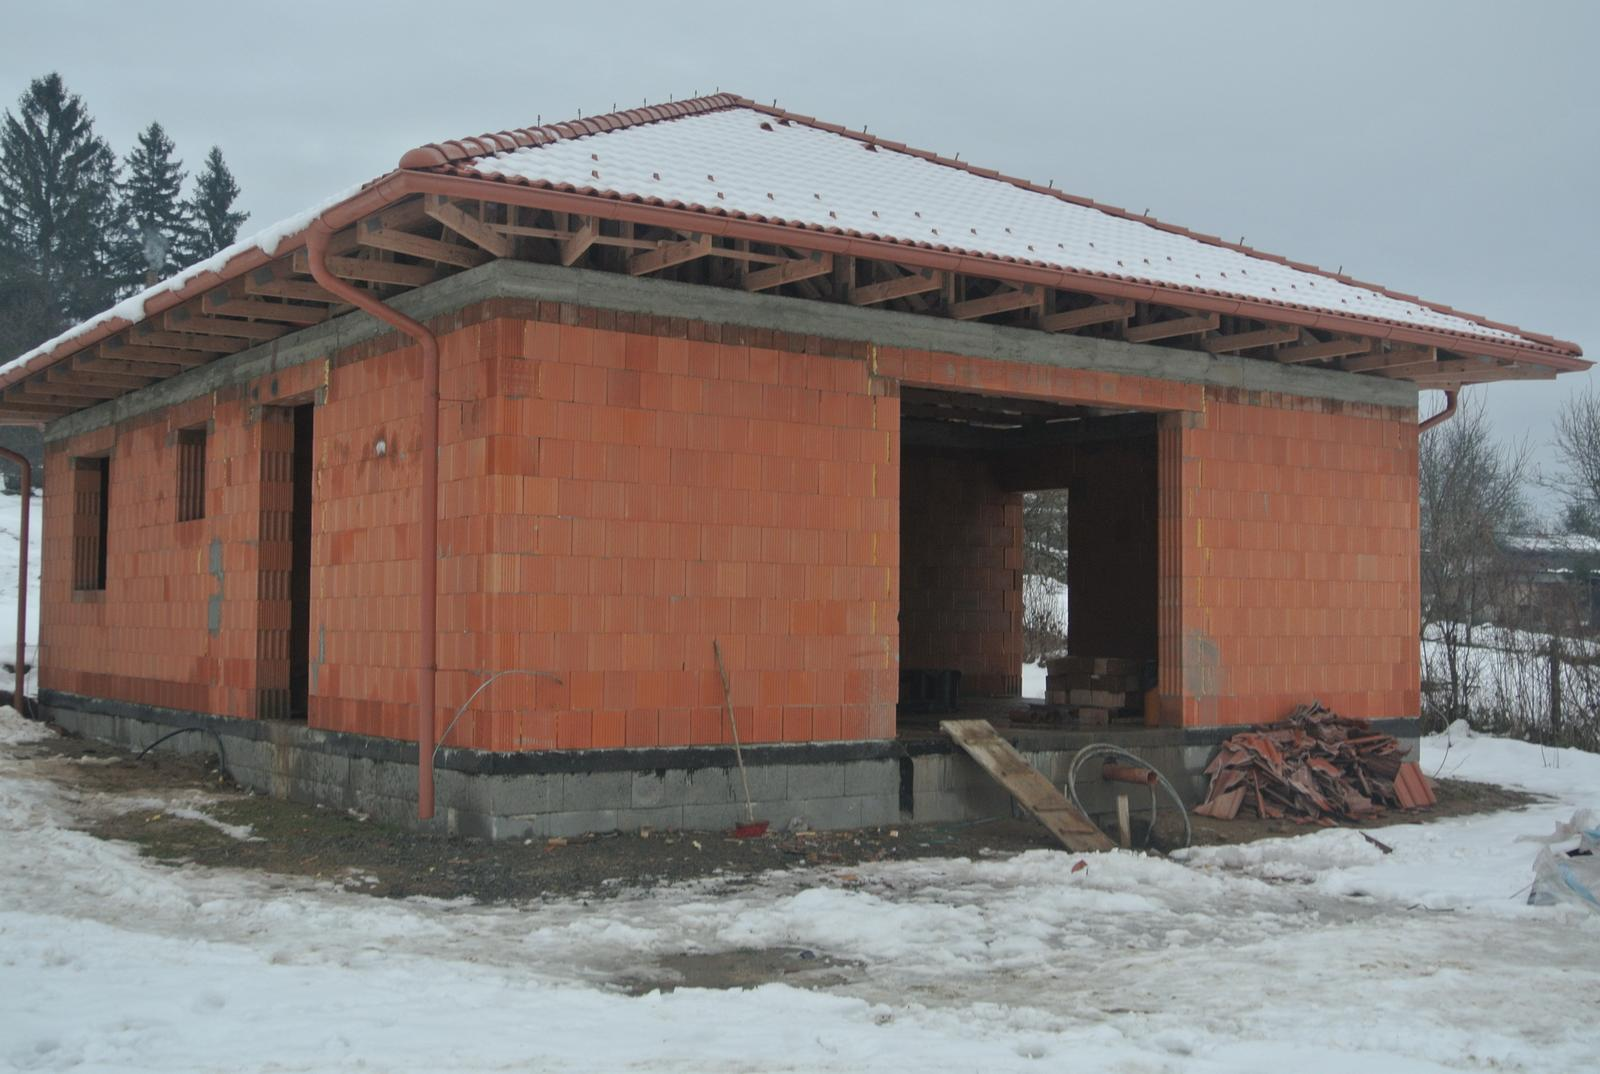 A bude domček ... - Tak komplet strecha, uz nam ten biely humus dnu padať nebude. Strechári dokončili 8.12.2017.